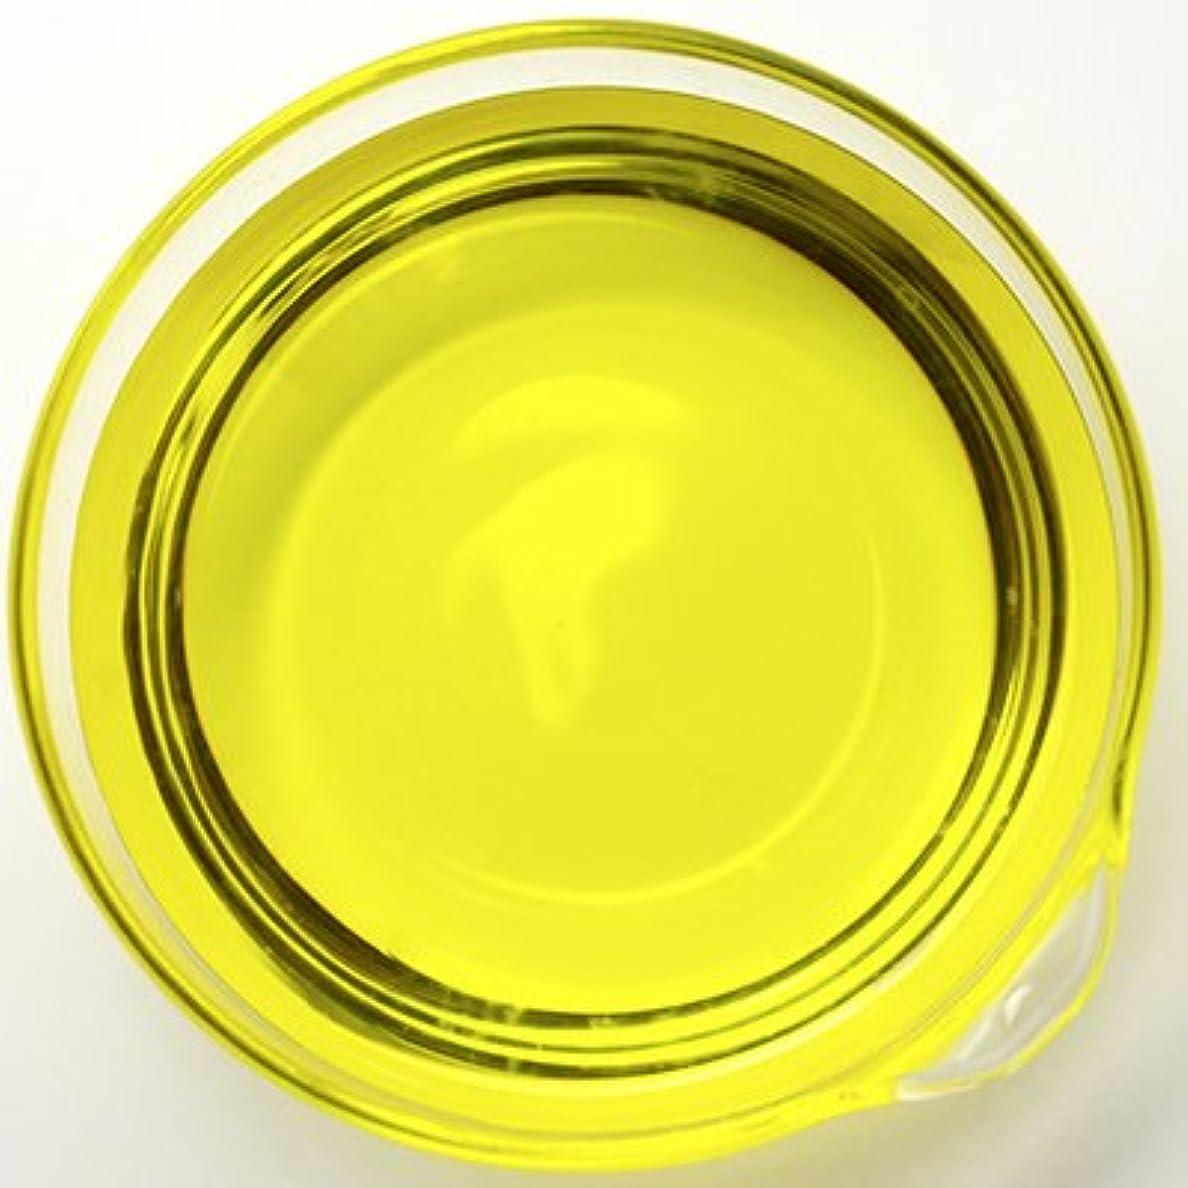 ピック年齢アーチオーガニック ボリジオイル [ボラージオイル] 500ml 【ルリヂシャ油/手作りコスメ/美容オイル/キャリアオイル/マッサージオイル】